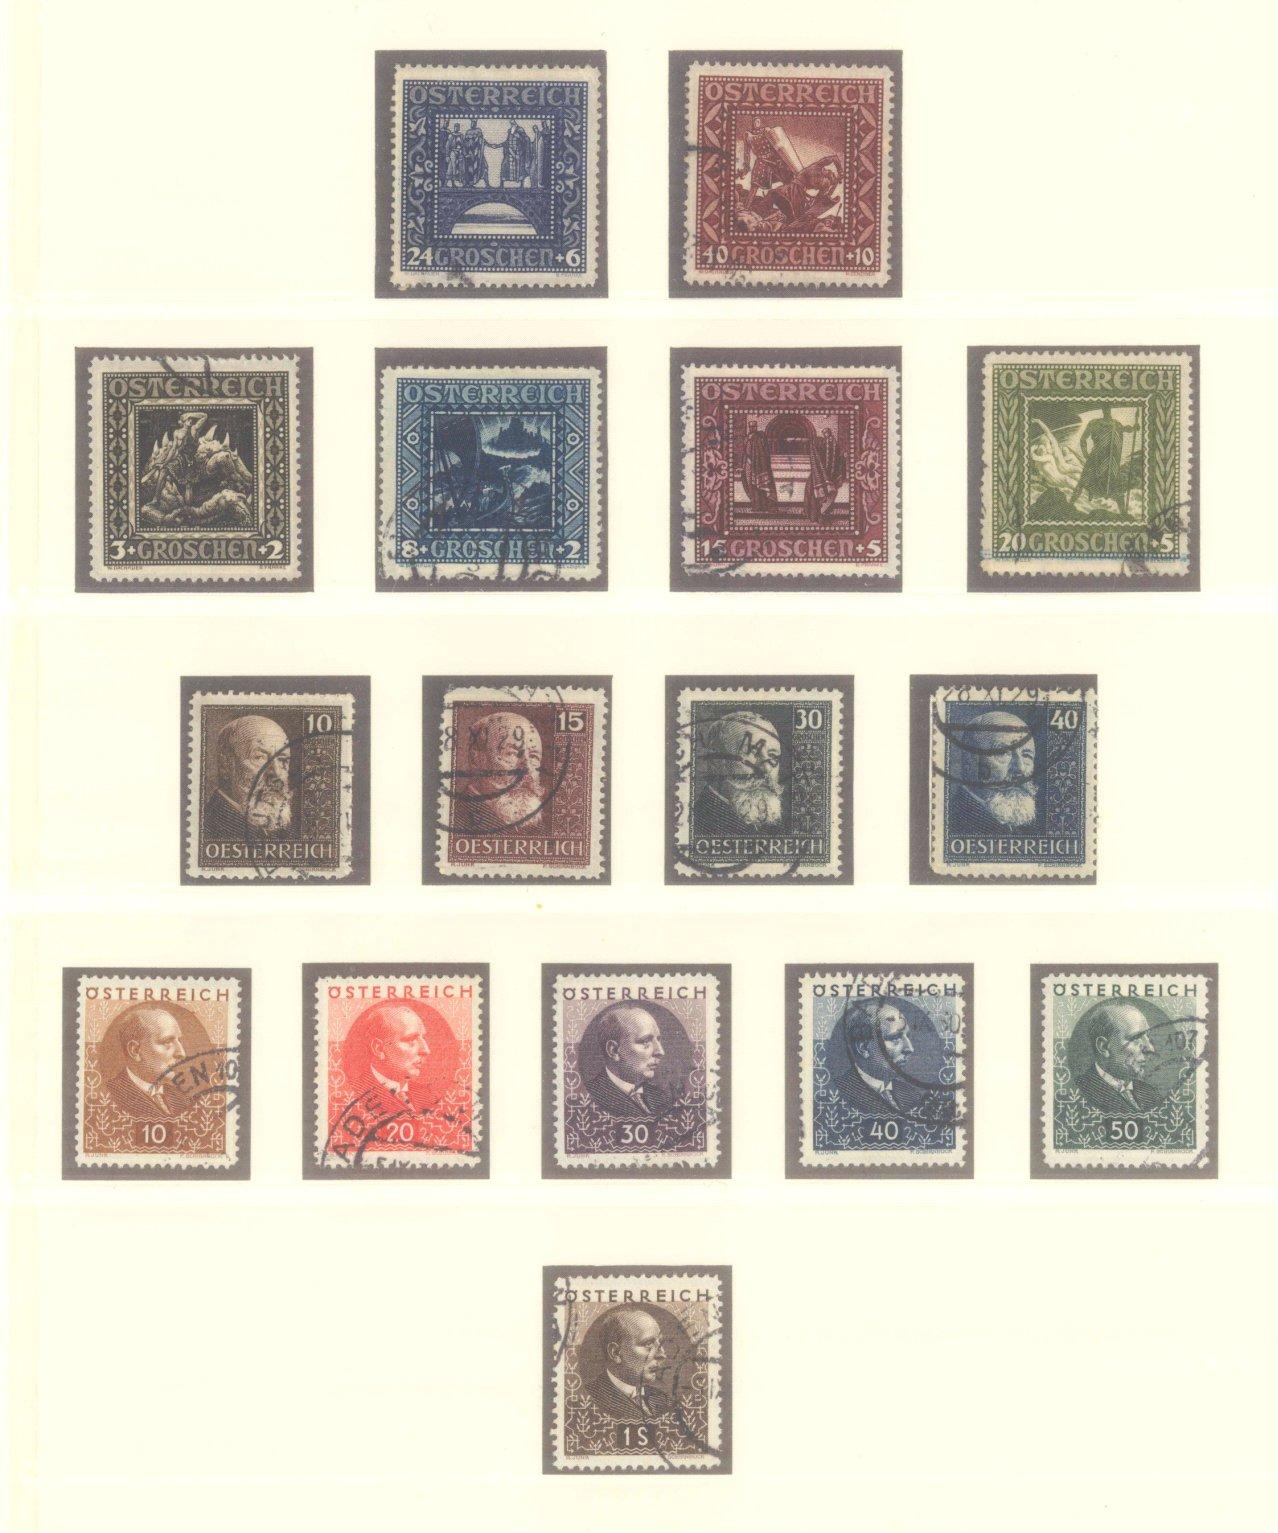 ÖSTERREICH 1925-1937-1